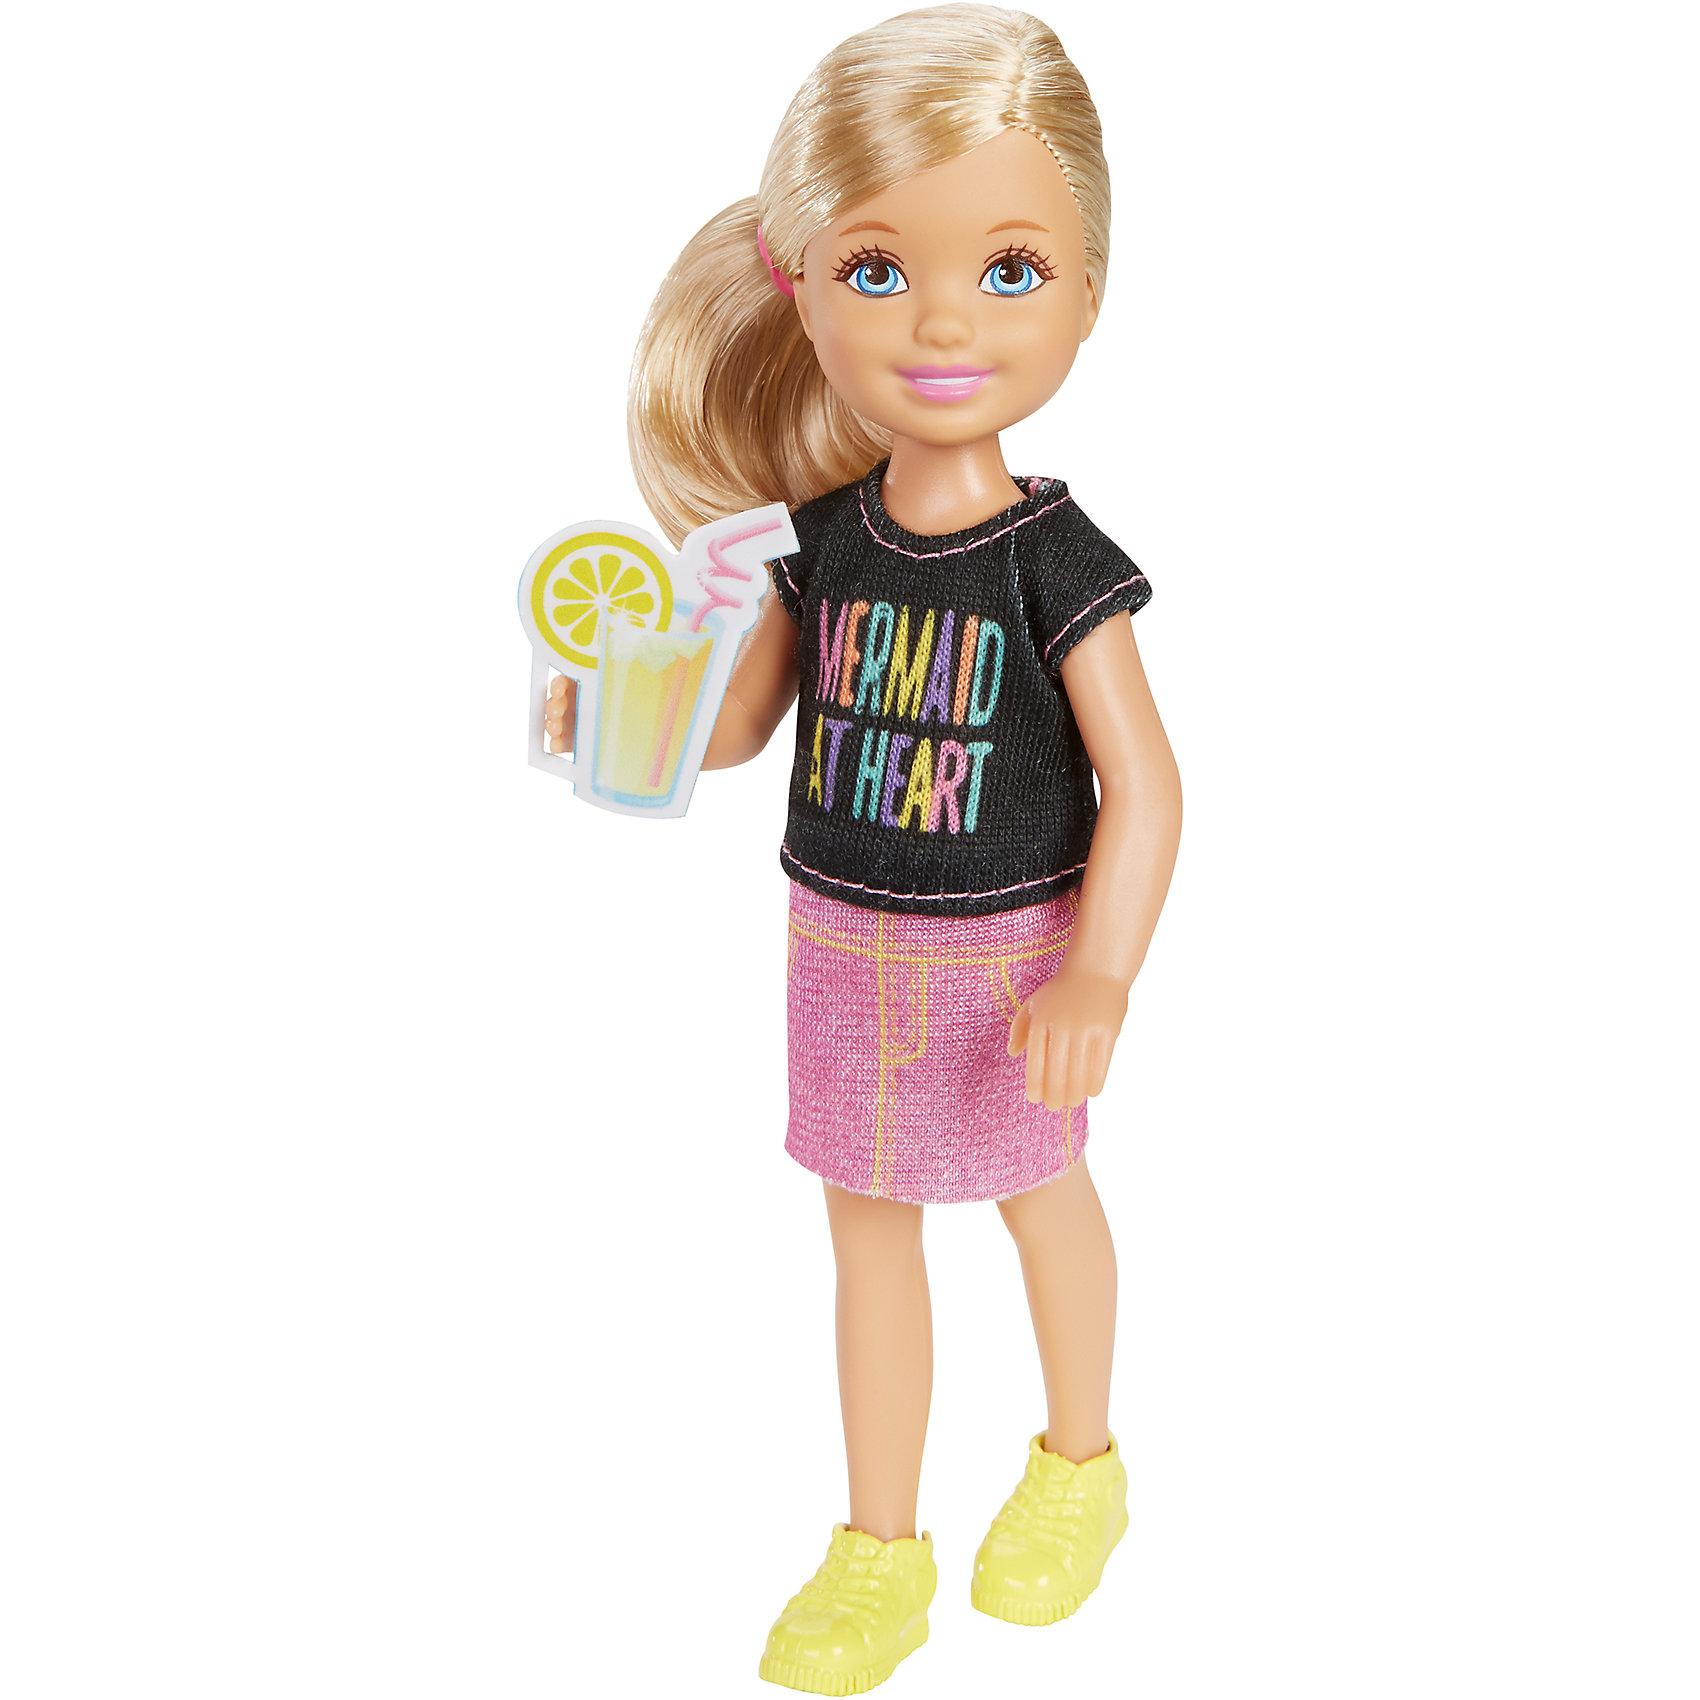 Кукла Челси с аксессуарами, BarbieКуклы Челси – невероятно модный тренд в мире игрушек для девочек. О куклах мечтают, их коллекционируют и превращают в культ. Мультфильм  «Barbie и сестры: охота за щенками» - один из любимых картин девочек. Порадовать ребенка куклой – героиней из этого фильма будет прекрасным решением.  Каждая кукла – уникальный образ и умопомрачительный наряд. Собрав все куклы коллекции, девочка будет невероятно счастлива! Отдельно можно приобрести дополнительные наряды. Материалы, использованные при изготовлении игрушек, полностью безопасны для детей и отвечают всем требованиям по качеству.<br><br>Дополнительная информация: <br><br>цвет: в ассортименте;<br>материал: пластик, текстиль.<br><br>Куклы Челси с аксессуарами, Barbie от компании Mattel можно приобрести в нашем магазине.<br><br>Ширина мм: 40<br>Глубина мм: 90<br>Высота мм: 160<br>Вес г: 73<br>Возраст от месяцев: 36<br>Возраст до месяцев: 120<br>Пол: Женский<br>Возраст: Детский<br>SKU: 5004446